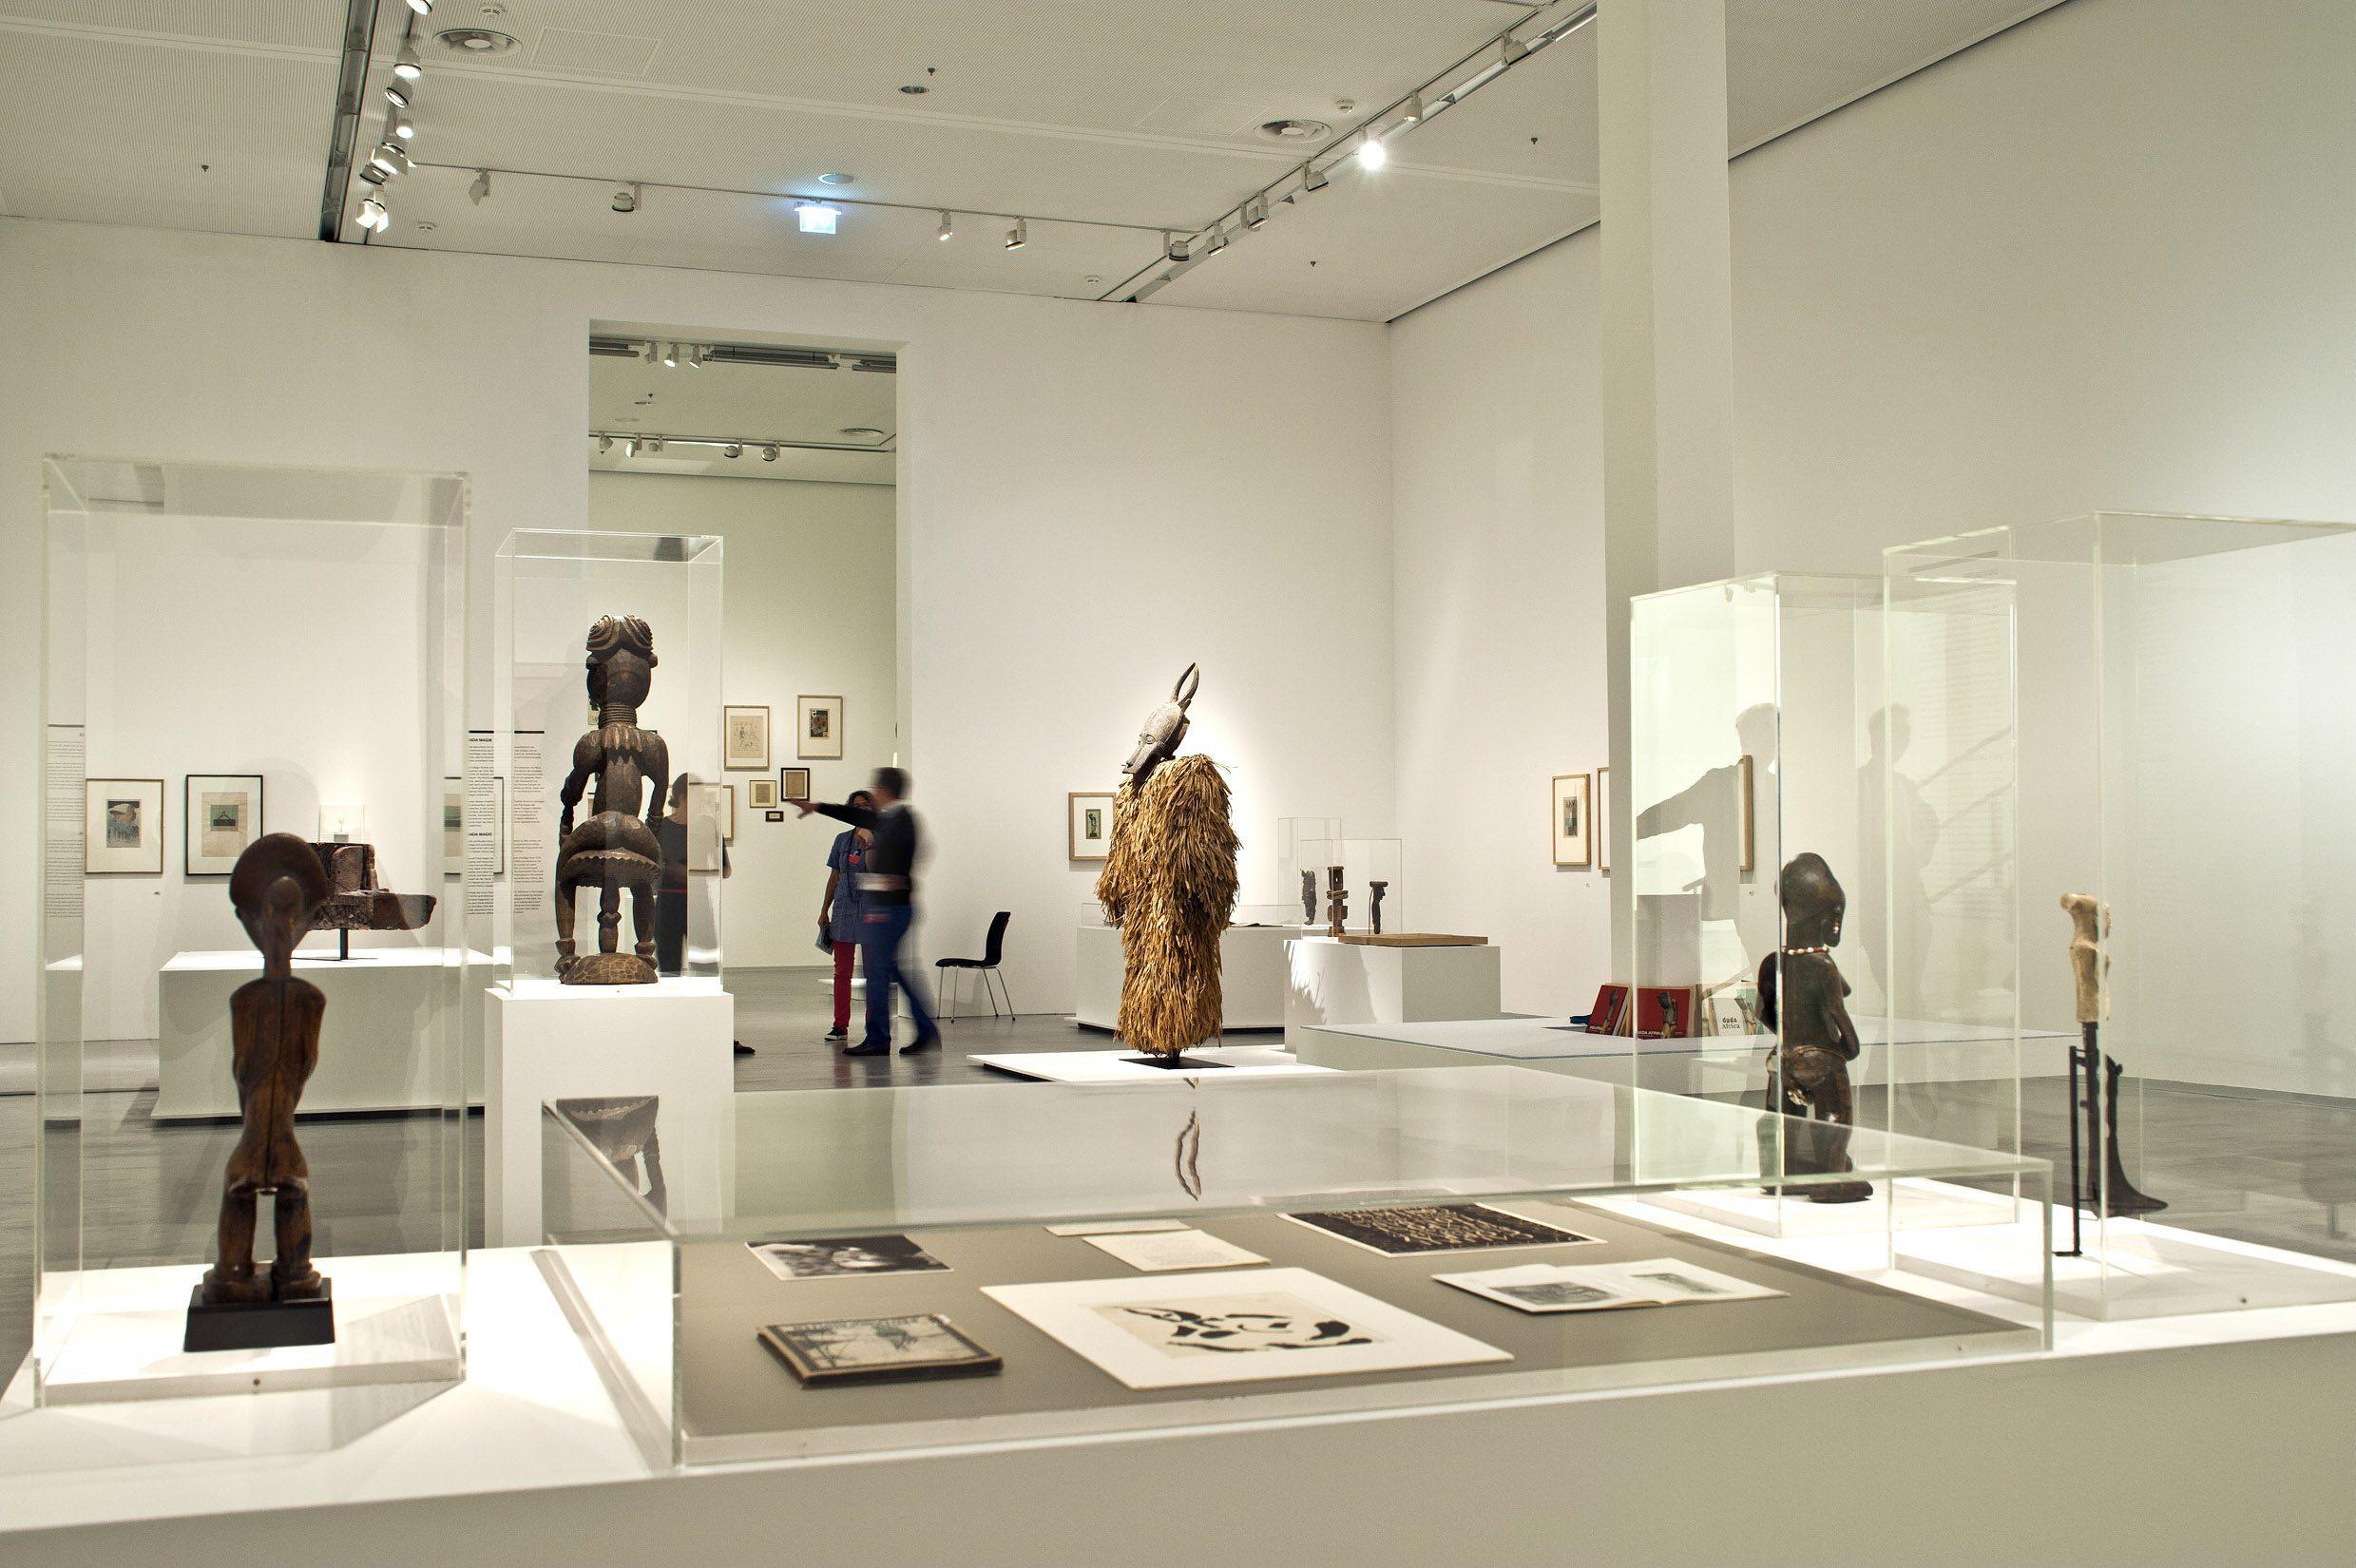 Installation view Dada Afrika - Dialog mit dem Fremden, 2016, Berlinische Galerie, Berlin. Courtesy of the Berlinische Galerie